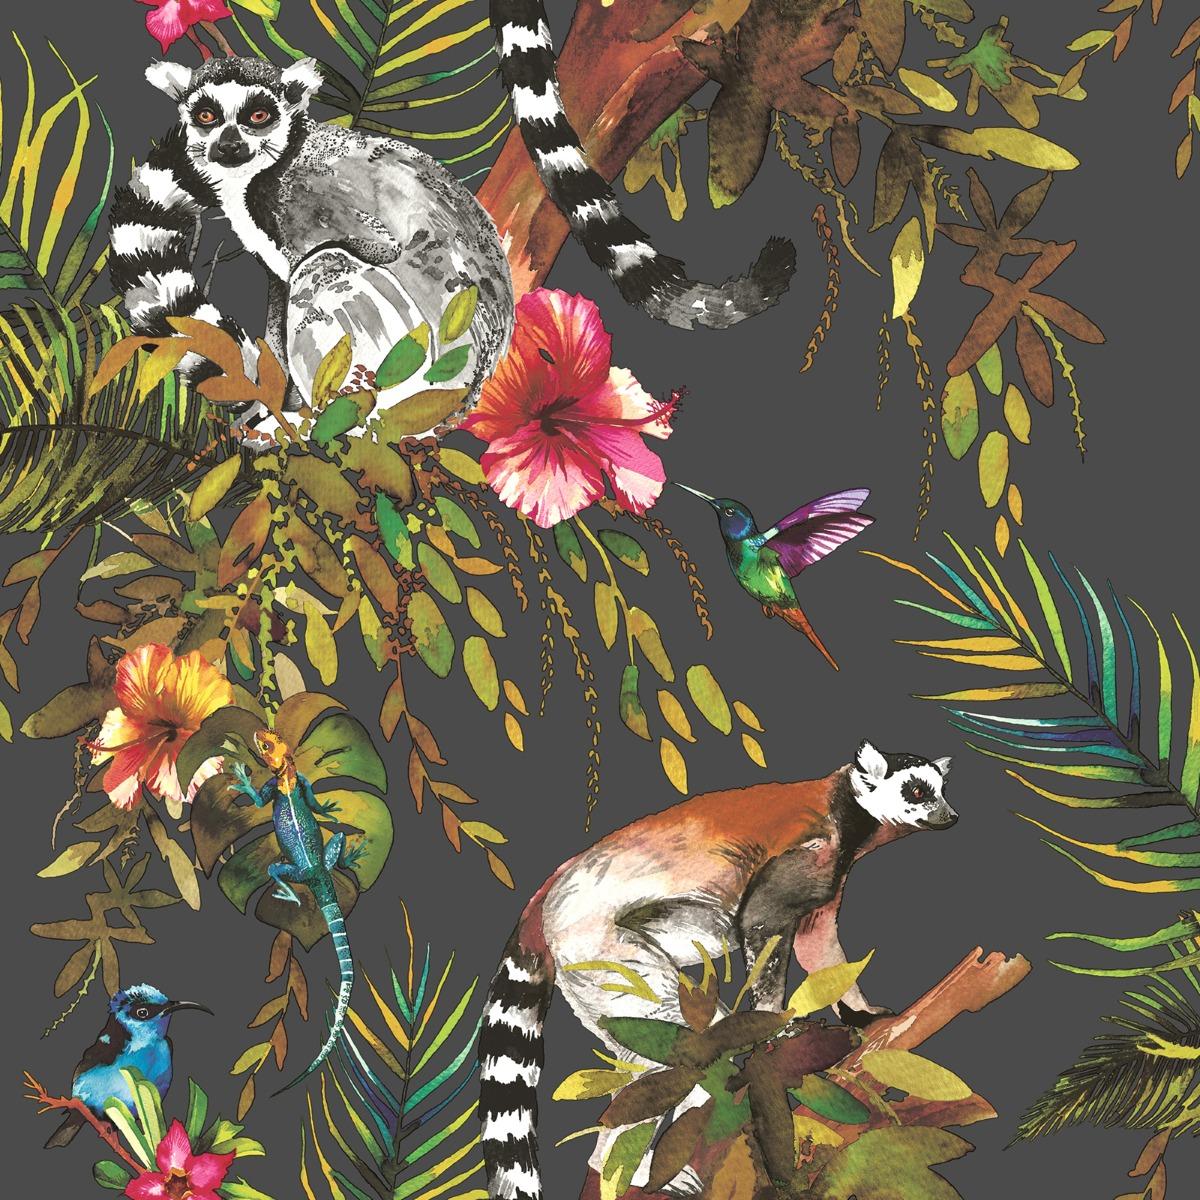 Lemur Wallpaper Black and Multi World of Wallpaper 50160